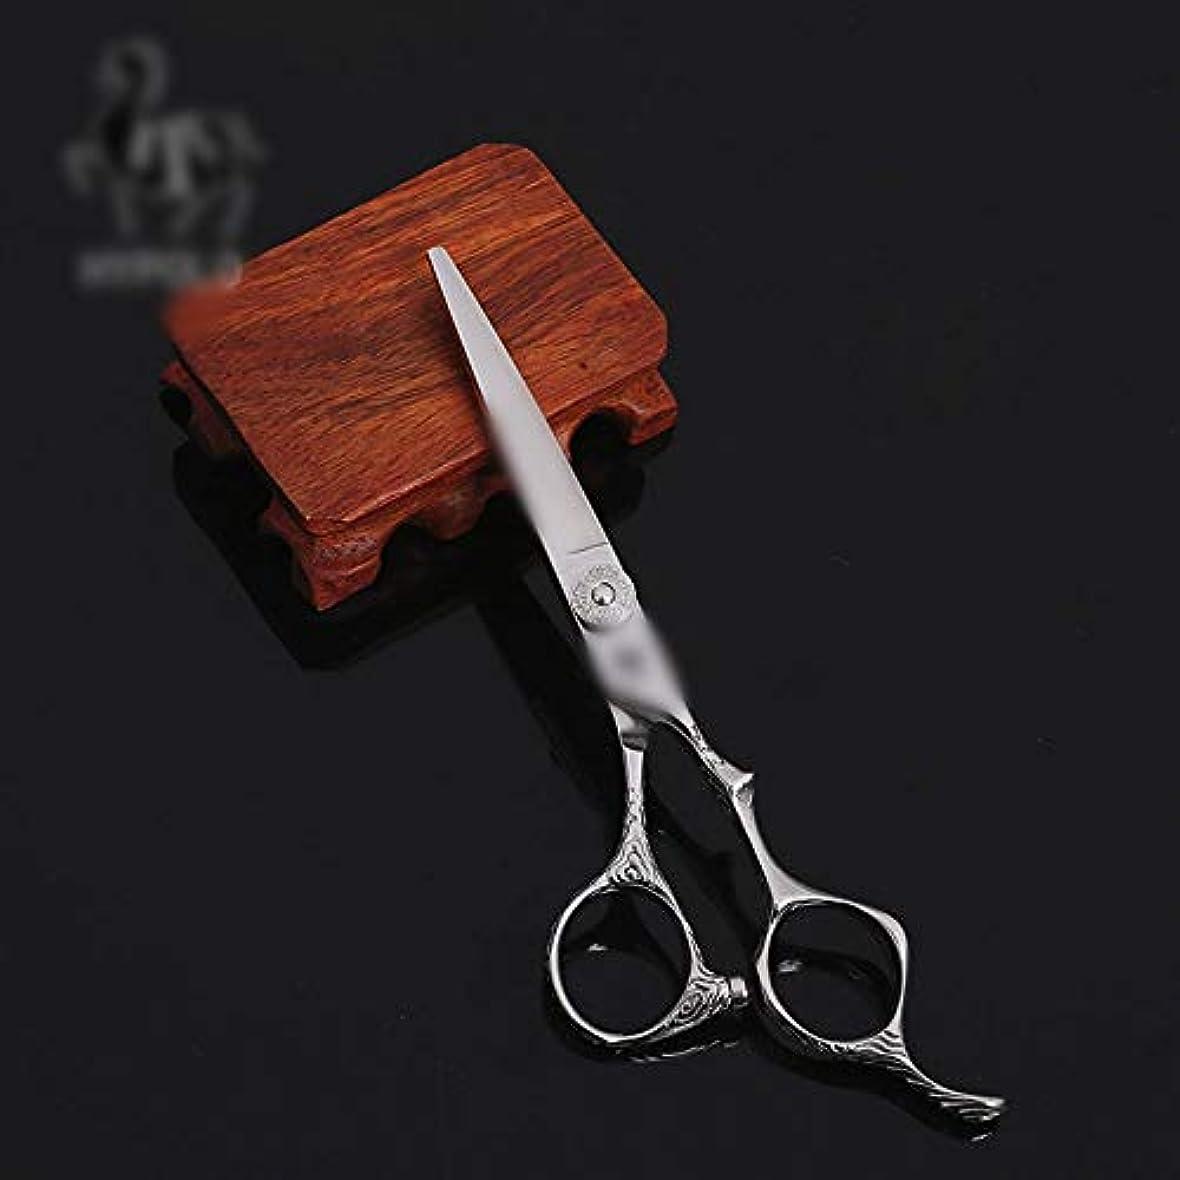 批判食料品店発掘する6インチの美容院の専門の理髪はさみの平らなはさみ、ハイエンドの専門の理髪用具の平らなはさみ ヘアケア (色 : Silver)